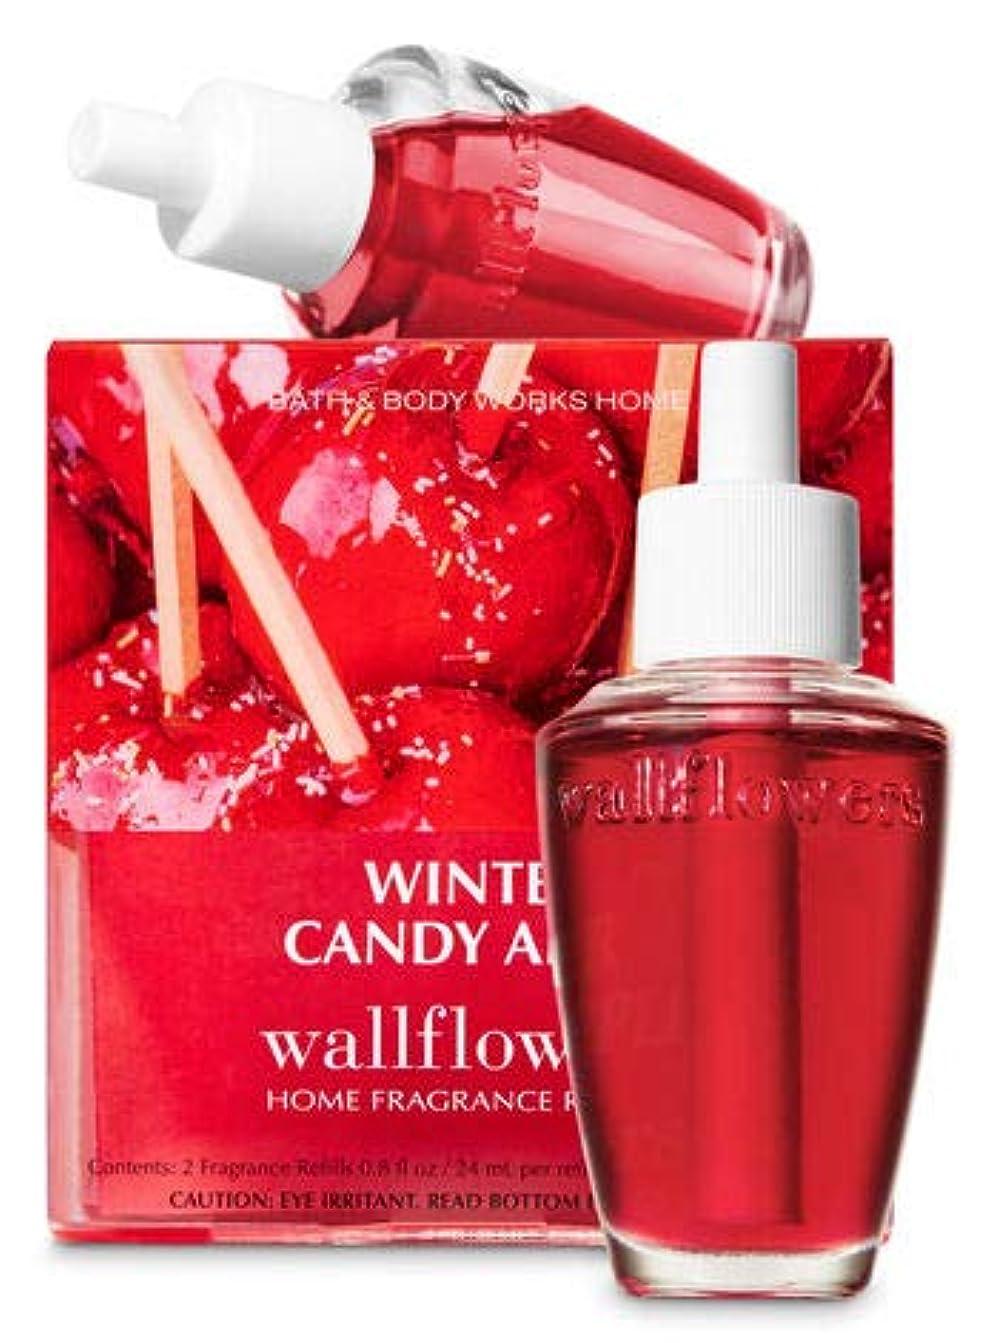 不透明な過剰討論Bath & Body Works(バス&ボディワークス)ウインターキャンディアップル ホームフレグランス レフィル2本セット(本体は別売りです)Wallflowers 2 Pack Refill (並行輸入品)